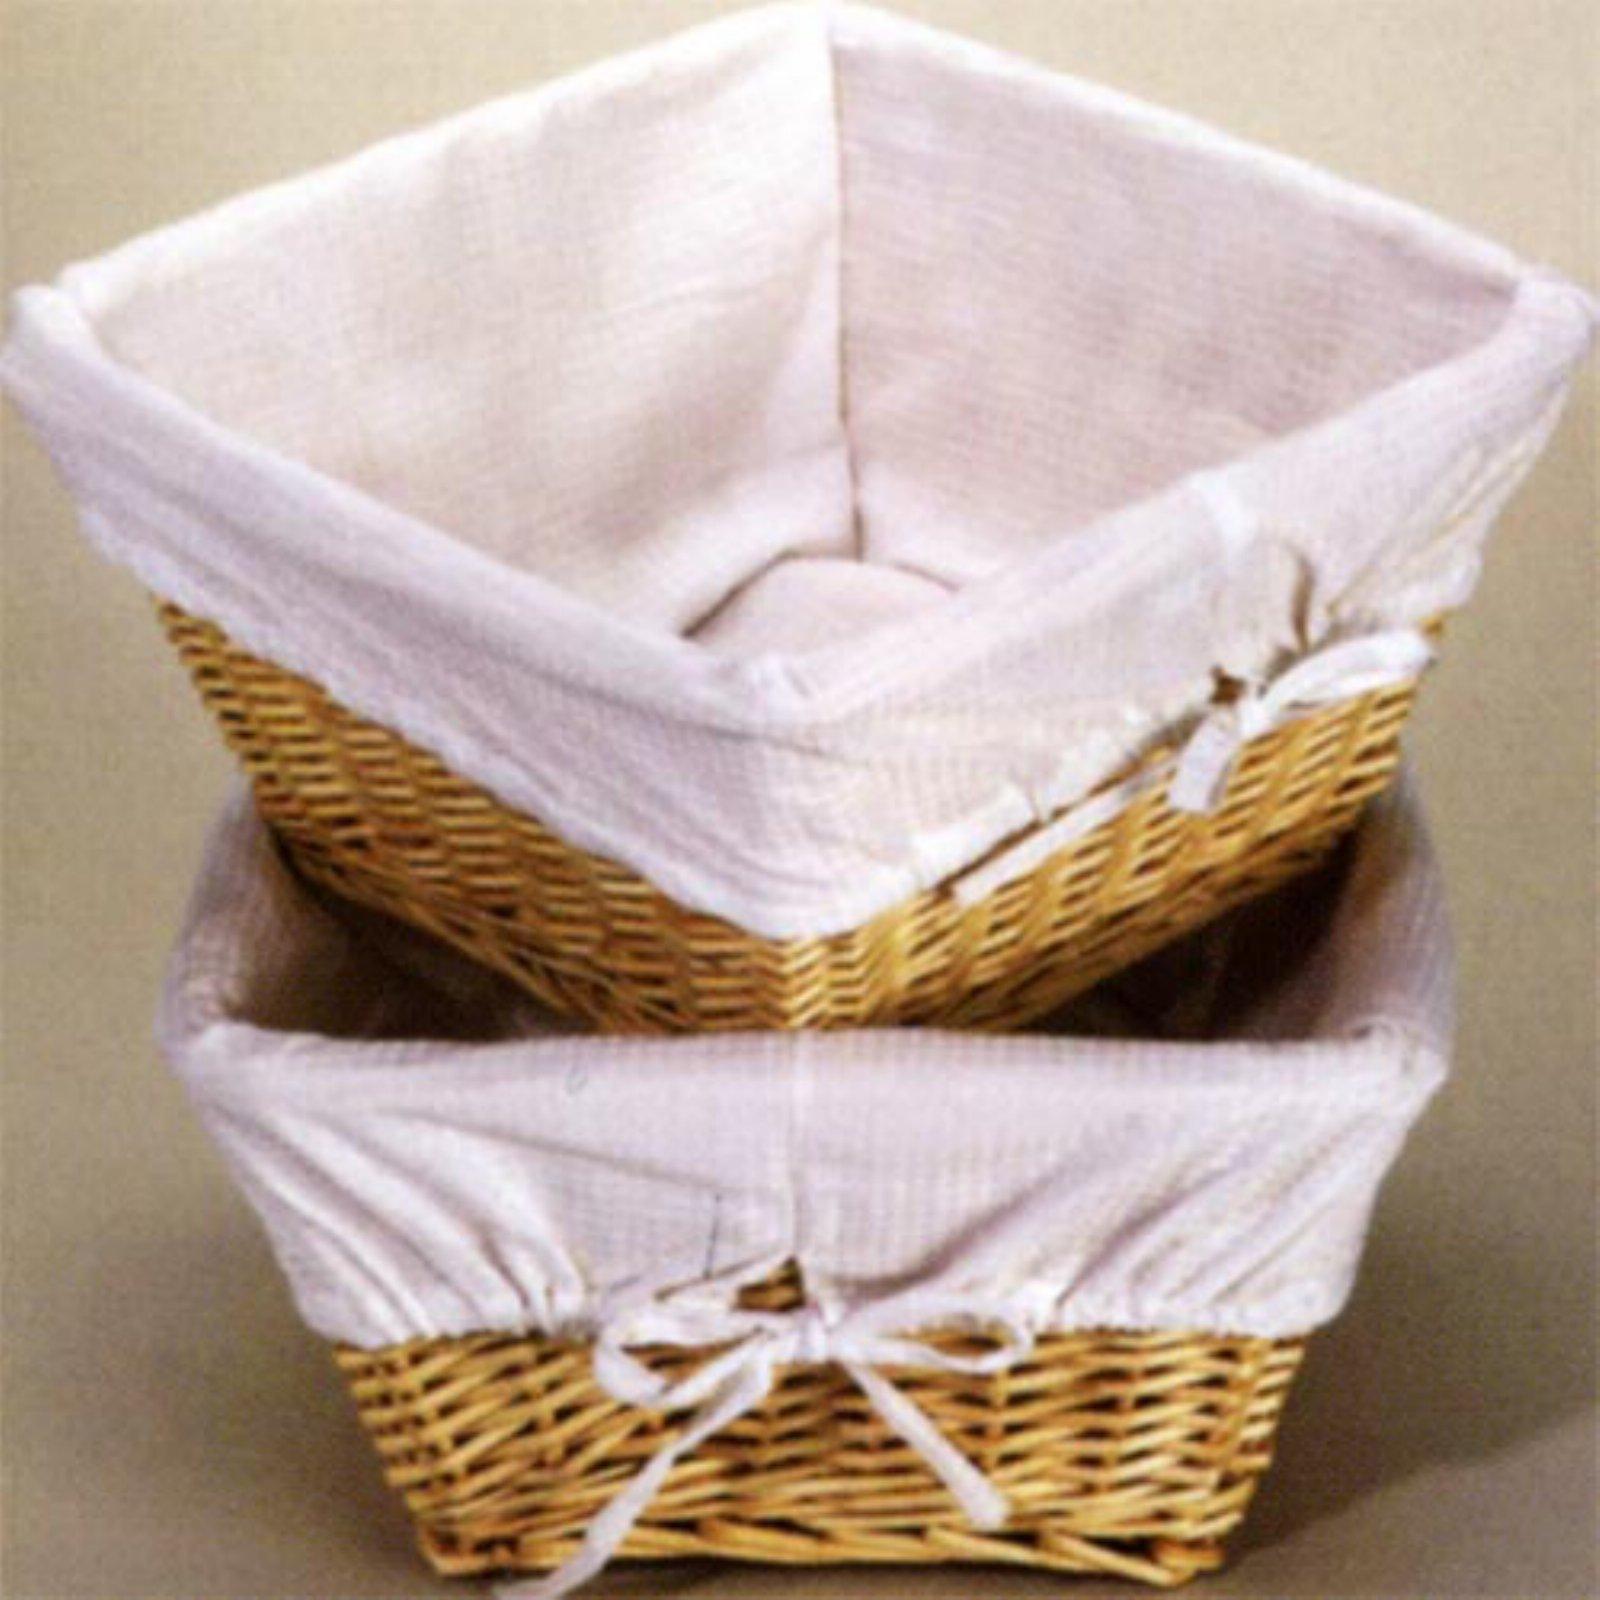 Natural Basket with Liner